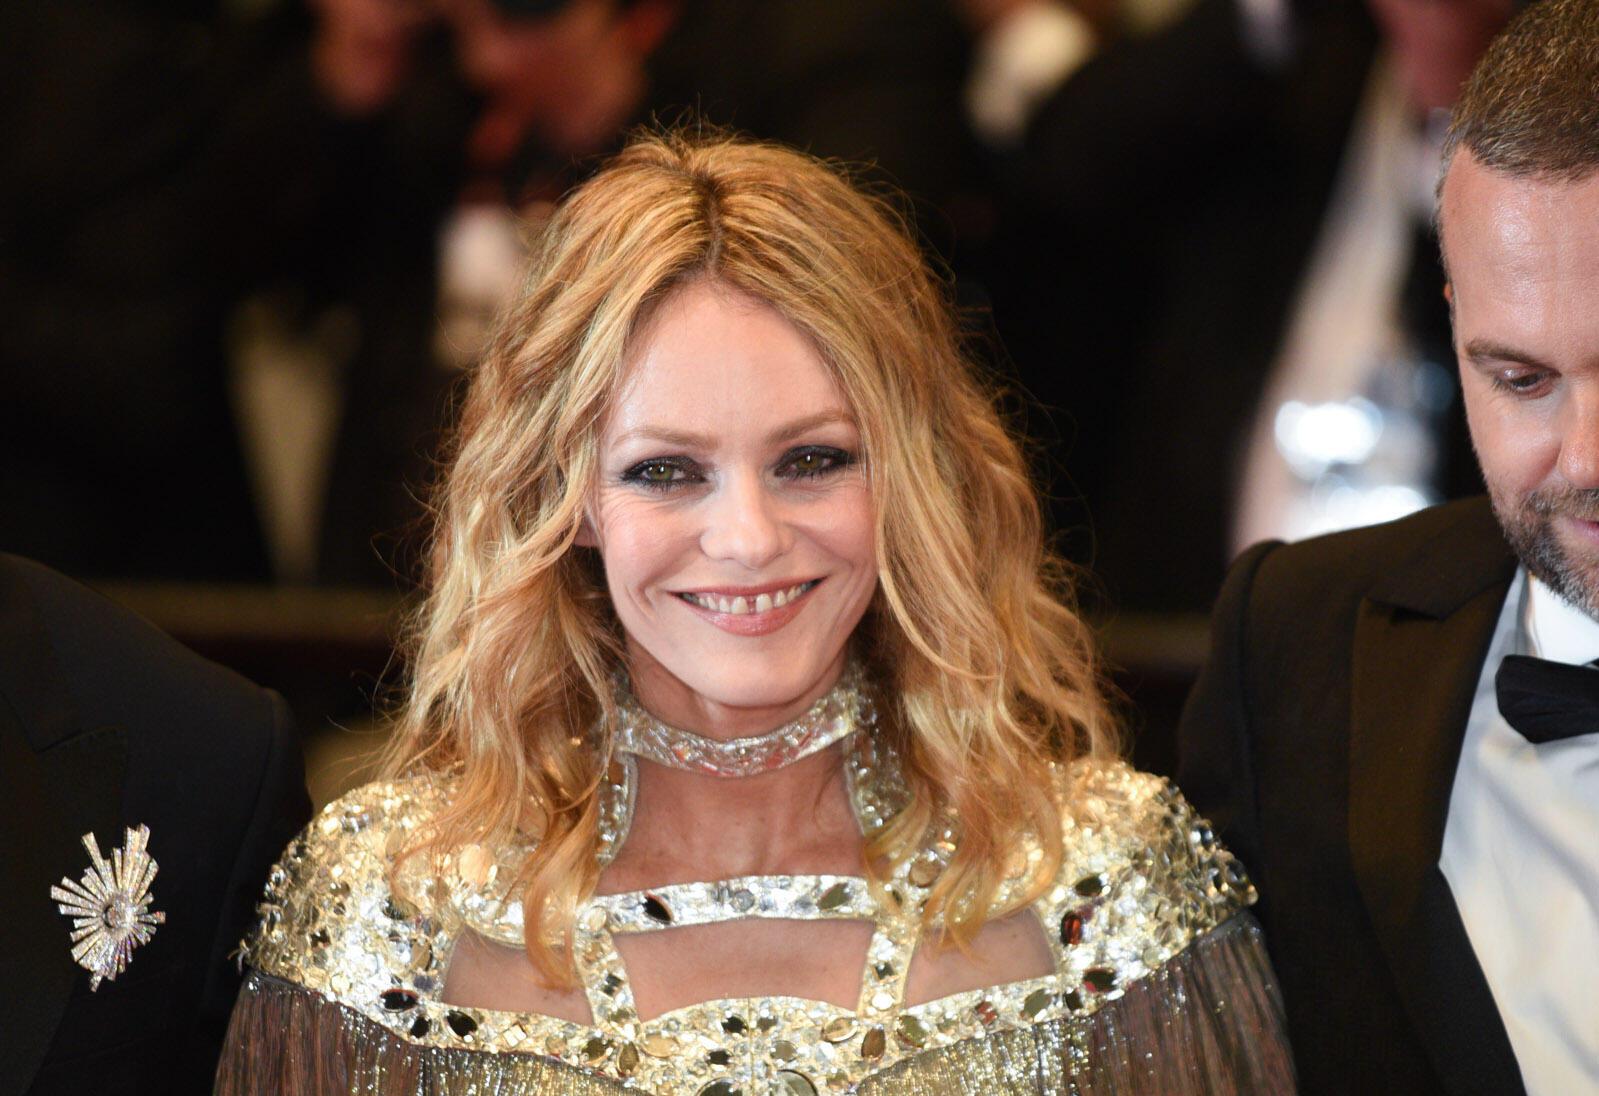 La actriz francesa Vanessa Paradis está en Cannes para presentar su más reciente película, 'A knife in the heart', en la que interpreta a una productora de porno gay en los años 70.